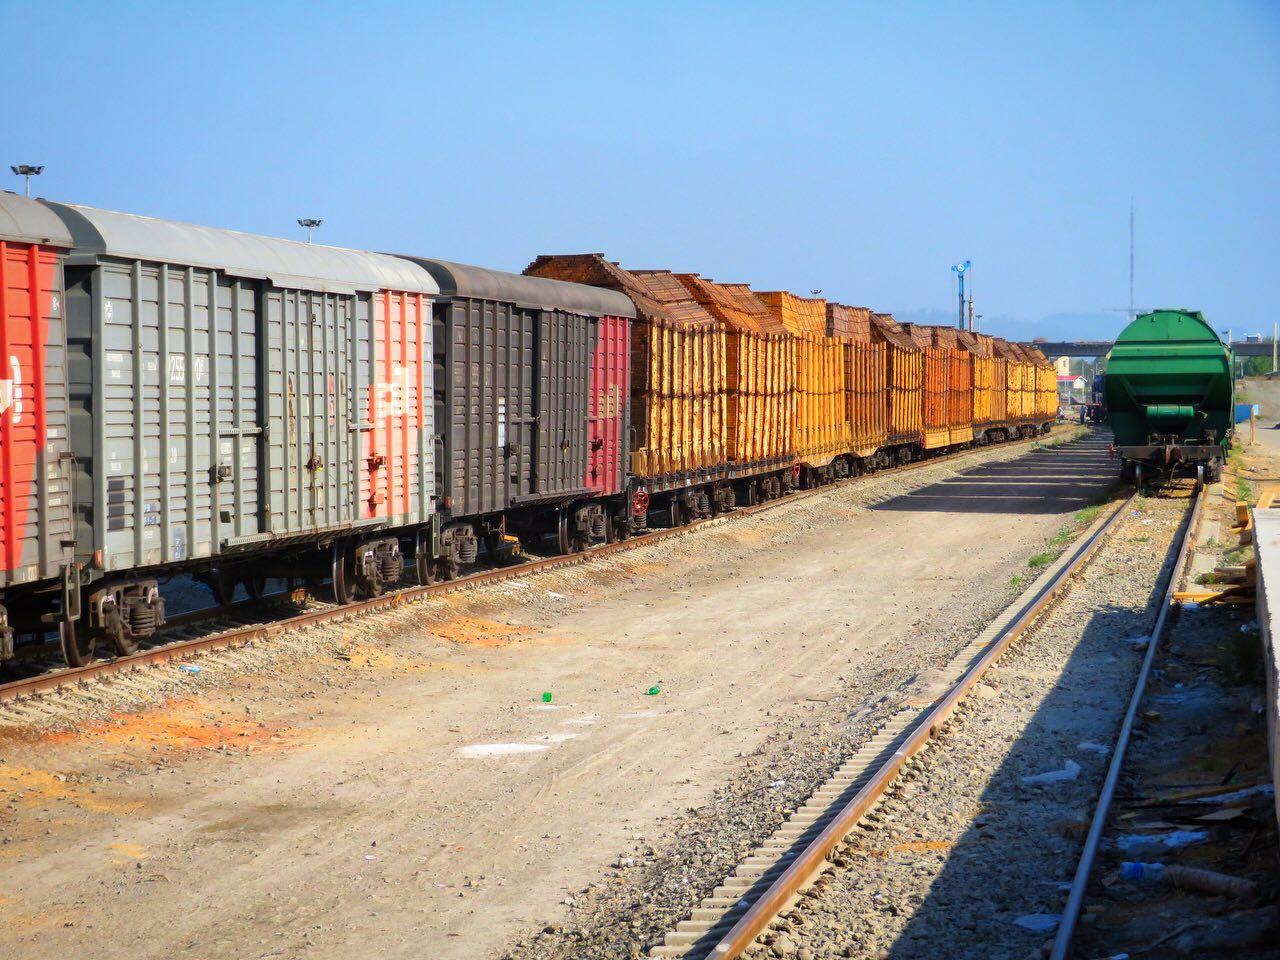 عملکرد اداره کل راه آهن هرمزگان در پنج ماهه سال۹۸